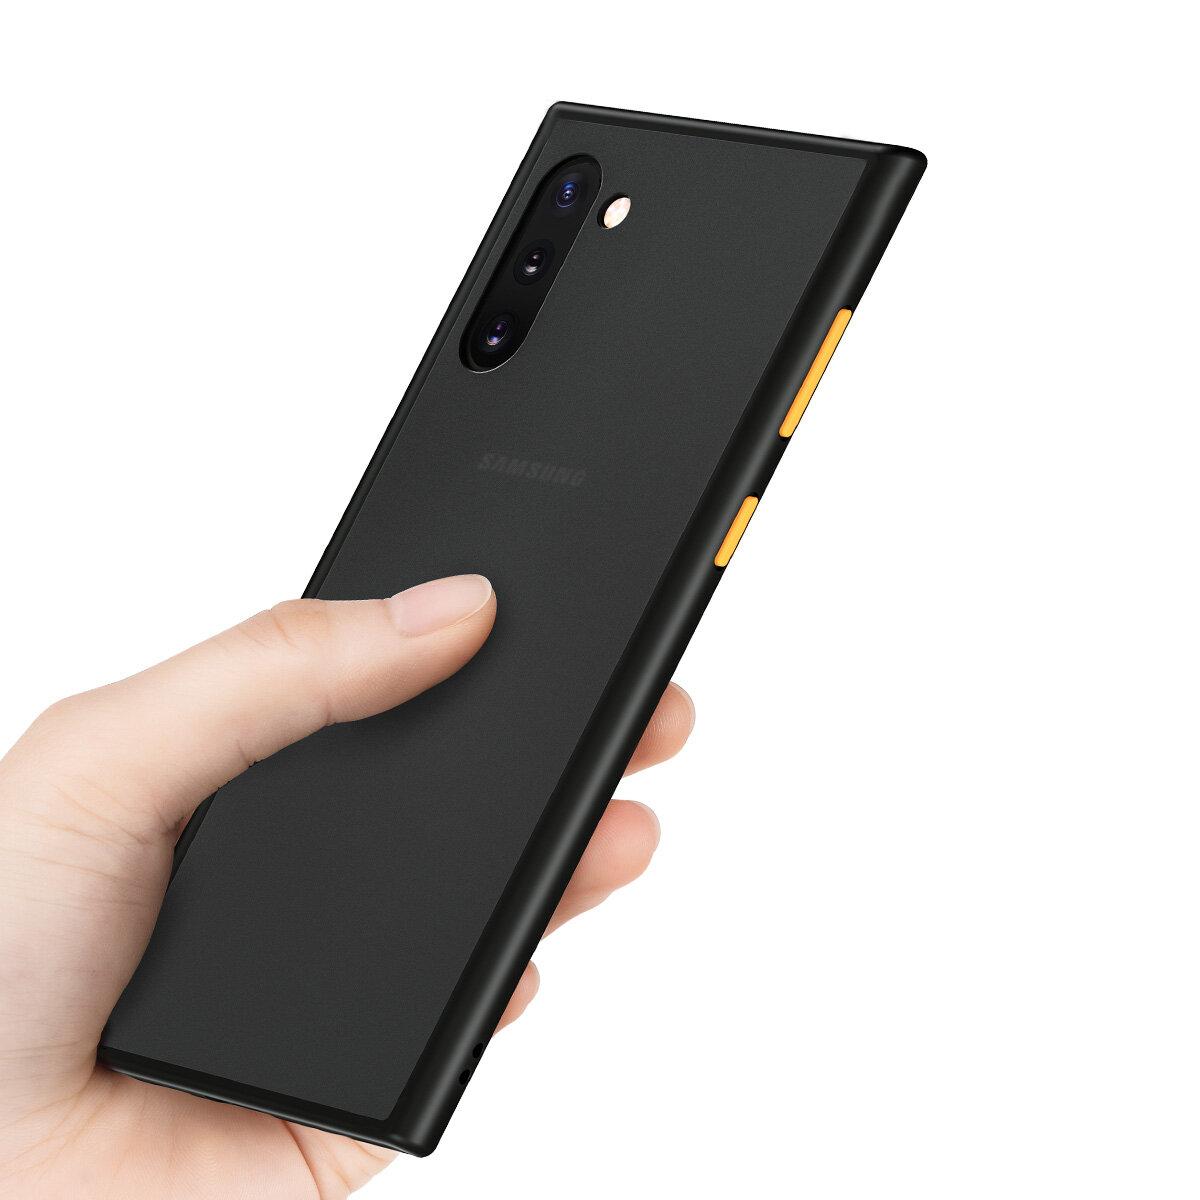 ROCK Матовый противоударный анти-отпечатков пальцев Soft ТПУ Edge + жесткий ПК Защитный Чехол для Samsung Galaxy Note 10+ / Note 10 Plus / Note10 + 5G